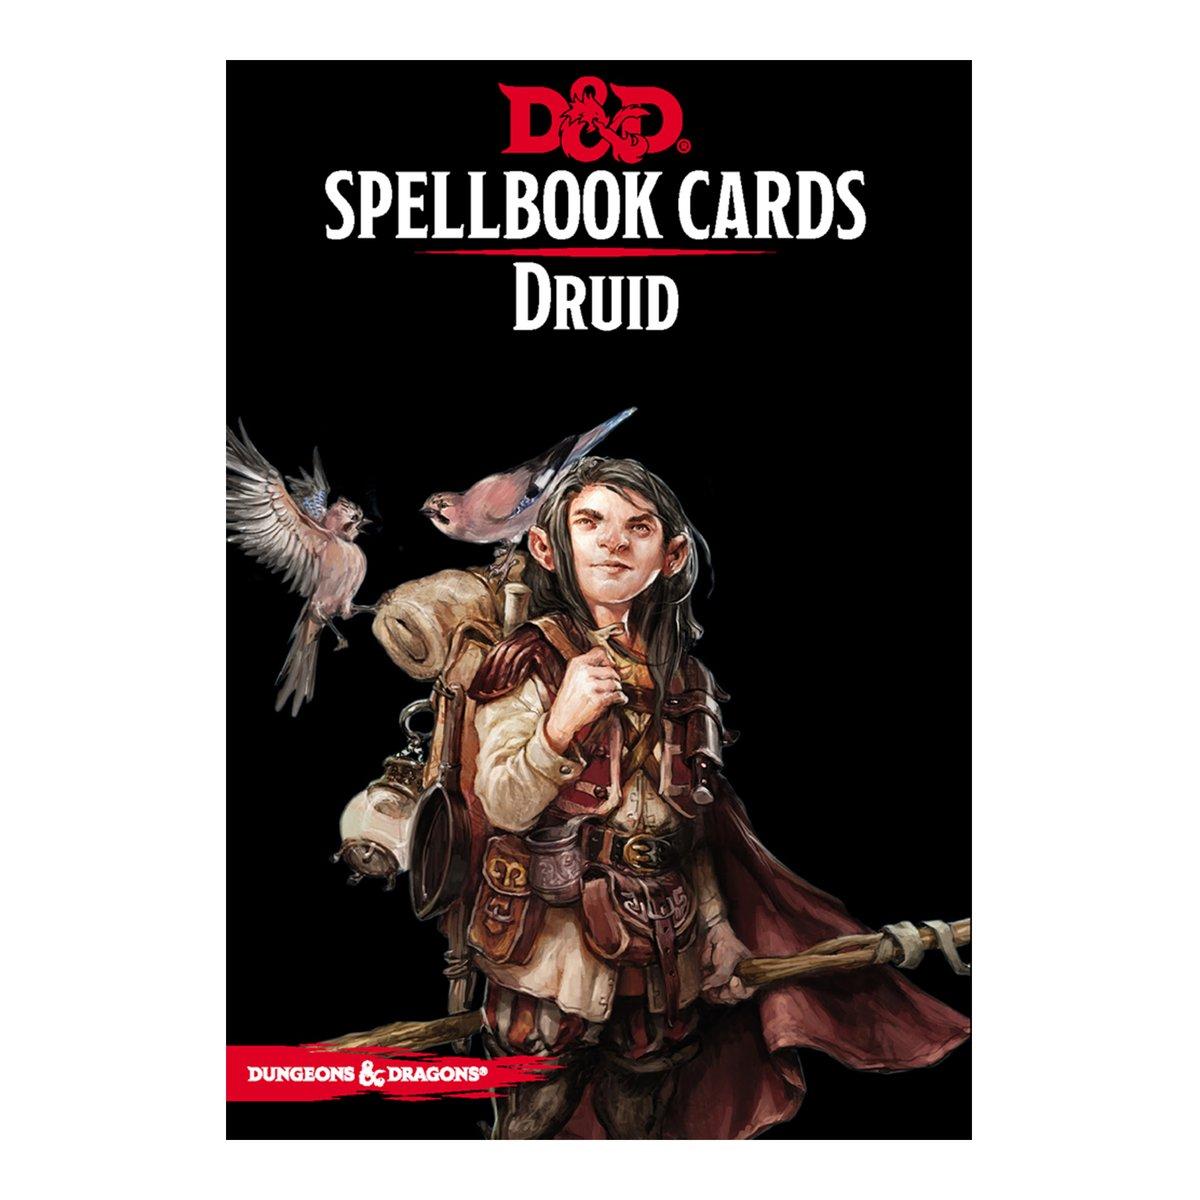 D & D Spellbook Cards - Druid